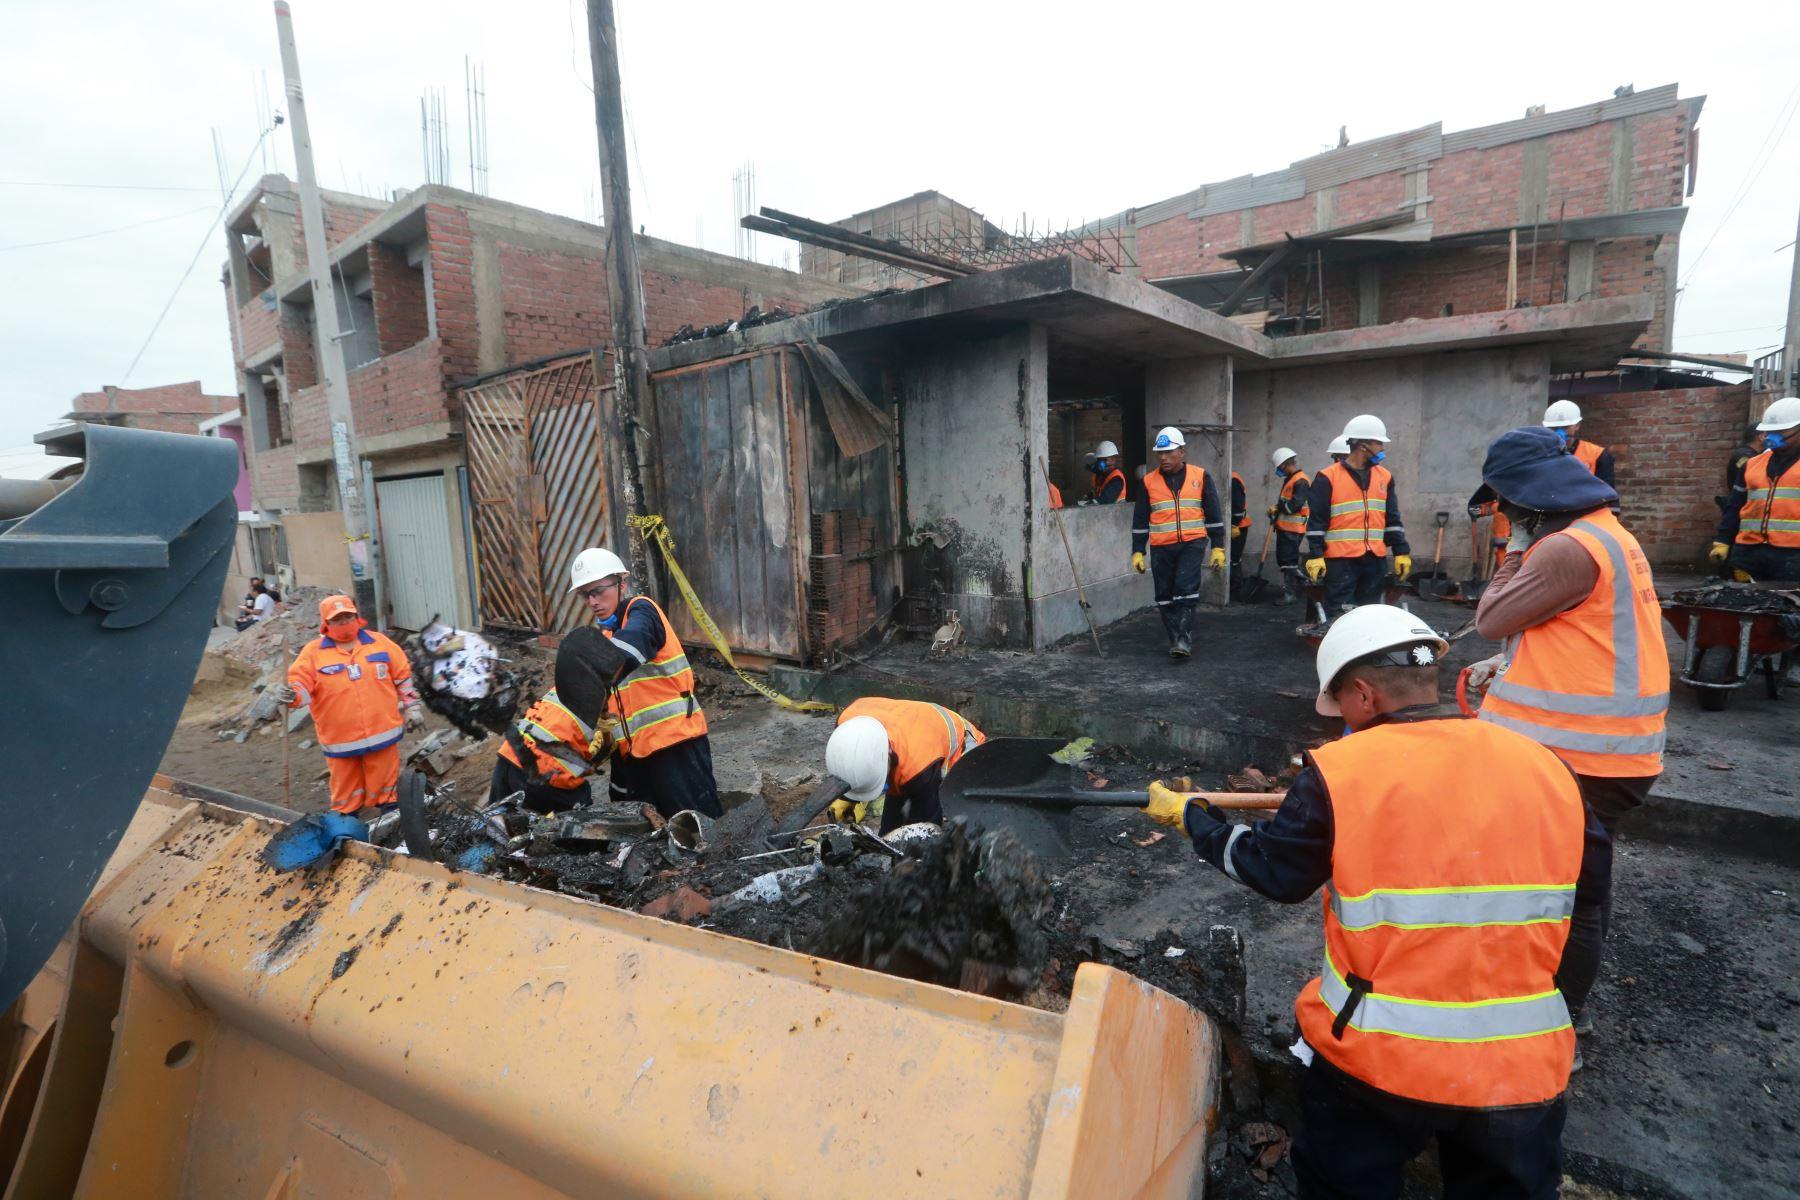 Con acciones de ayuda y la solidaridad de la población, amanecen los vecinos afectados por la deflagración en Villa el Salvador. Foto: ANDINA/Jhony Laurente